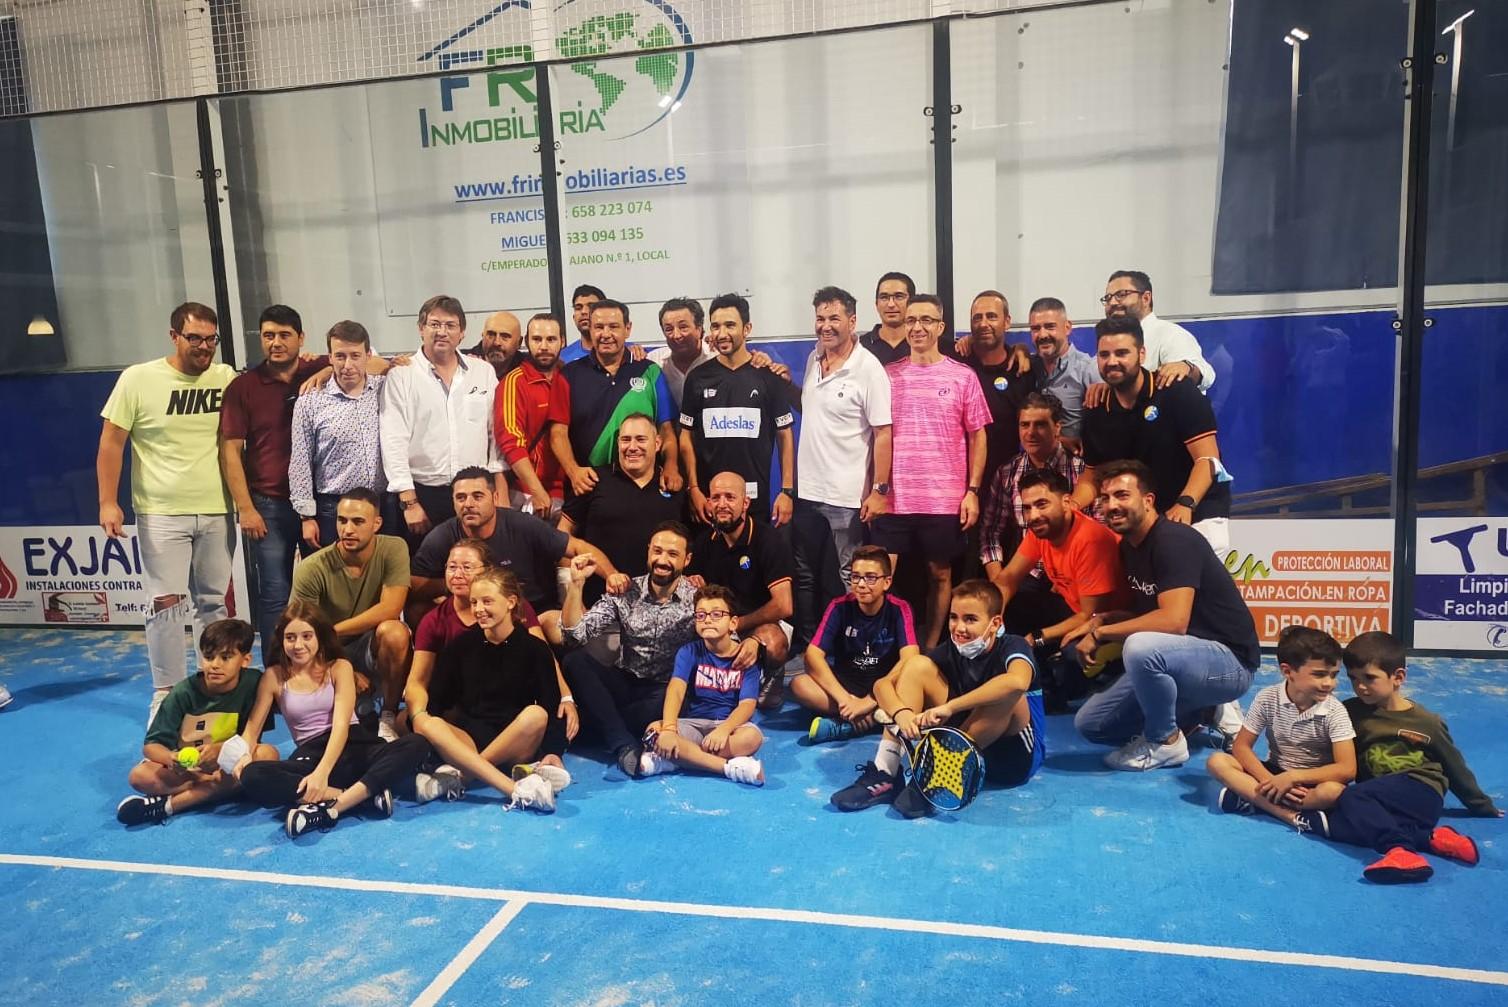 El torneo I Aniversario del Club de Pádel Andújar congrega a figuras nacionales e internacionales